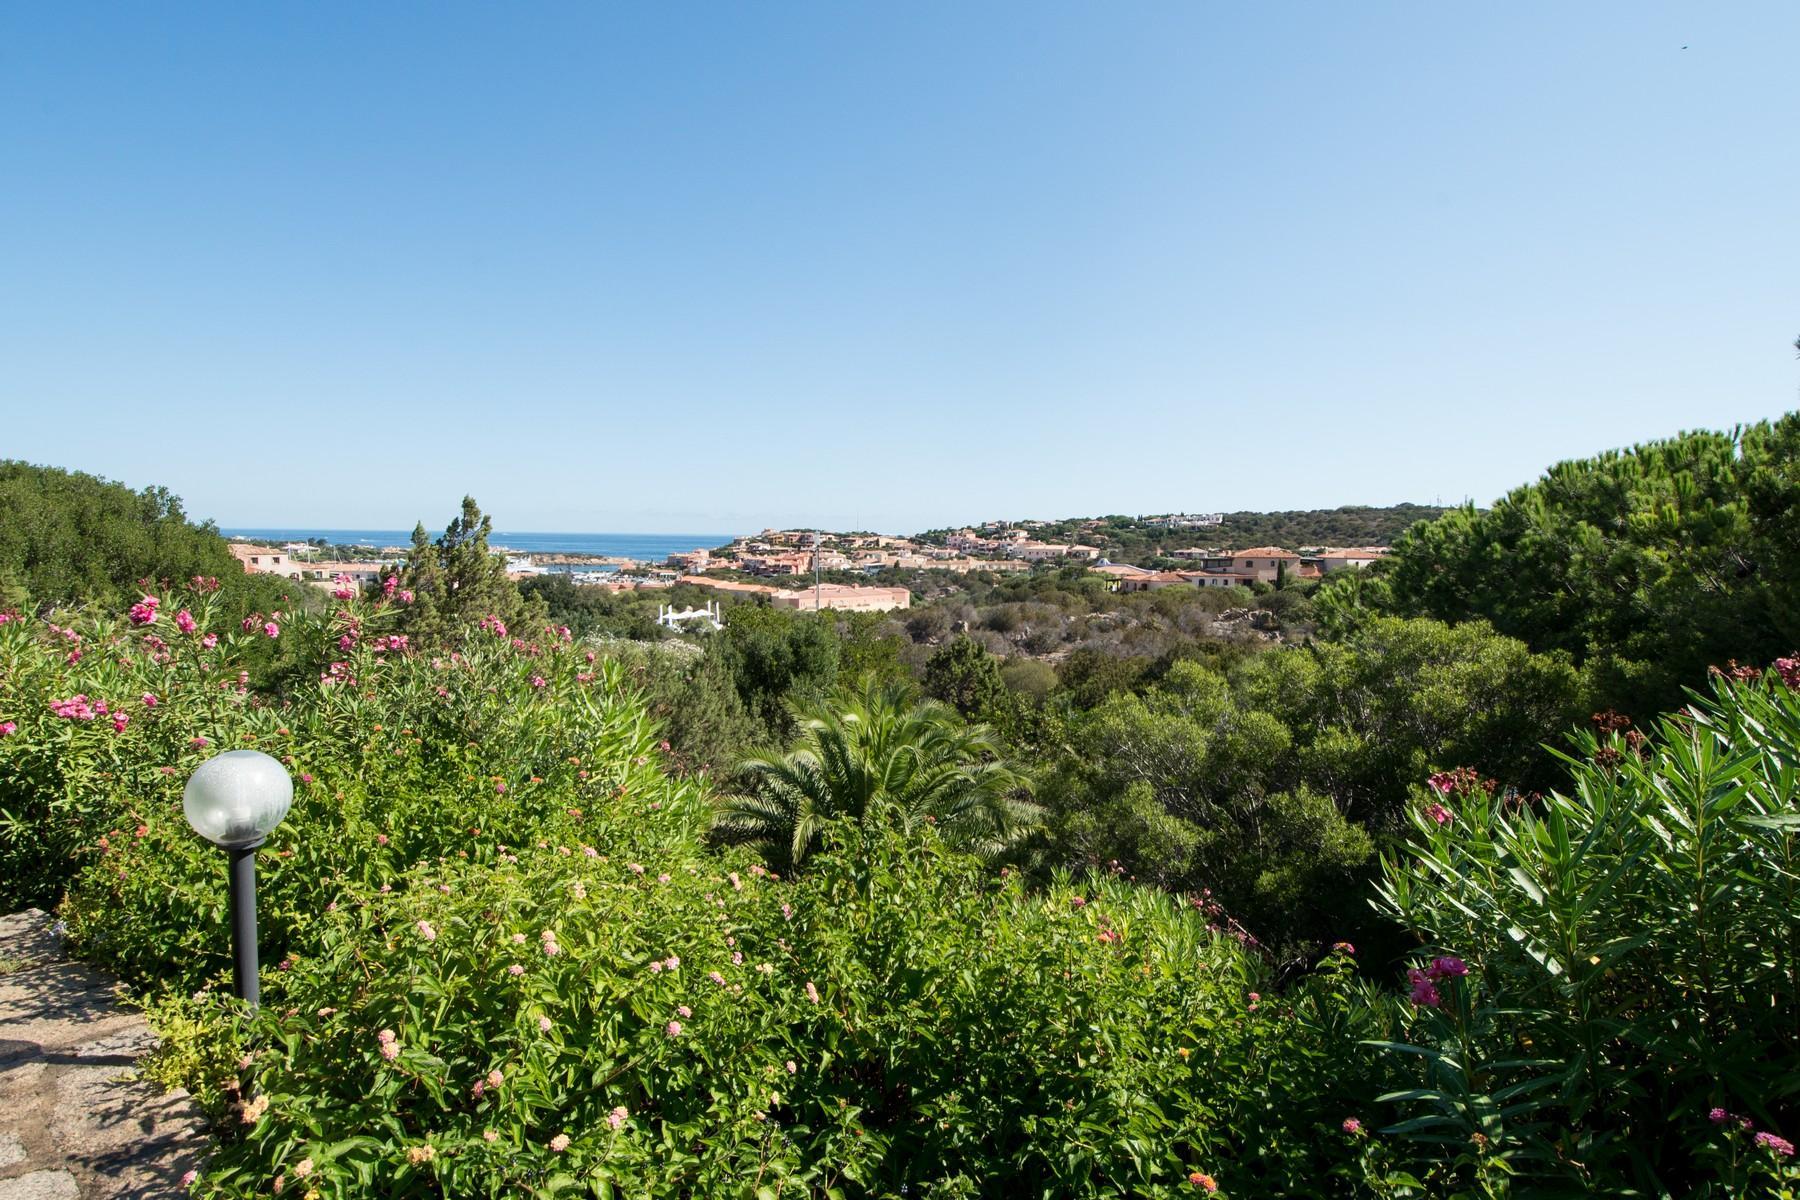 Porto Cervo Centro Замечательный таунхаус с видом на море и центр Порто Черво, Сардиния, Италия - 17